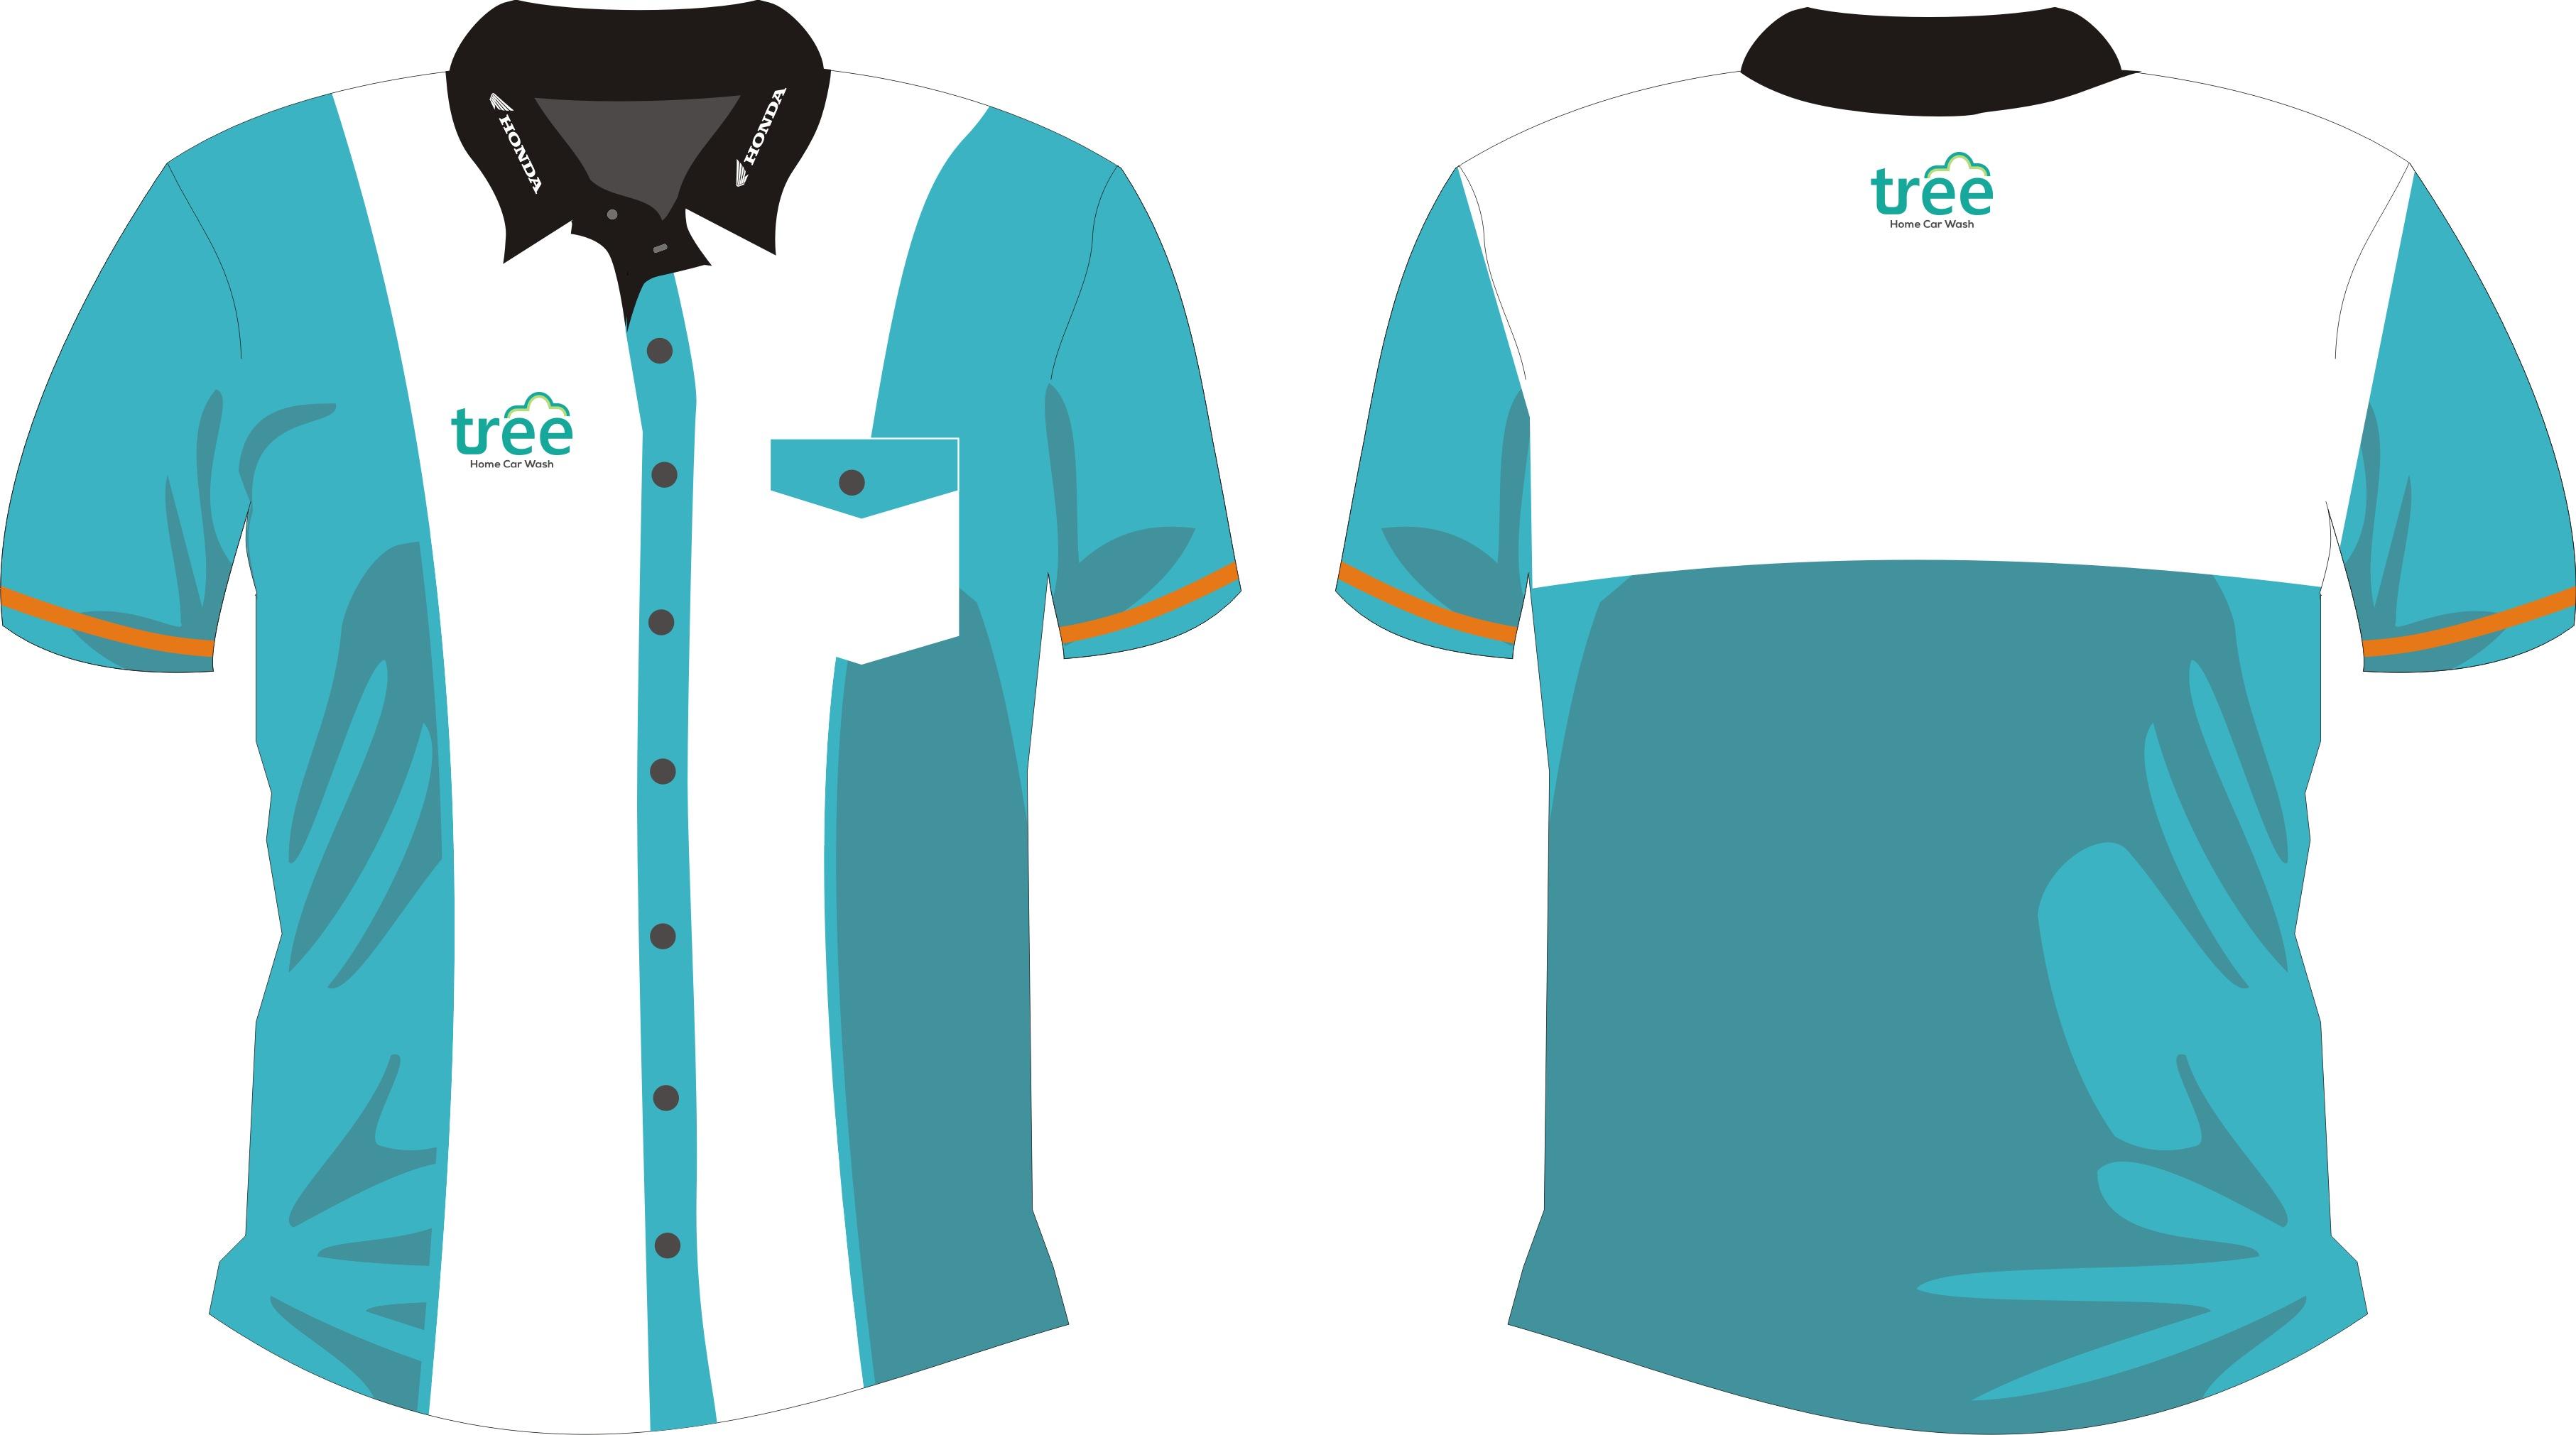 Desain t shirt elegan - D276c817fd